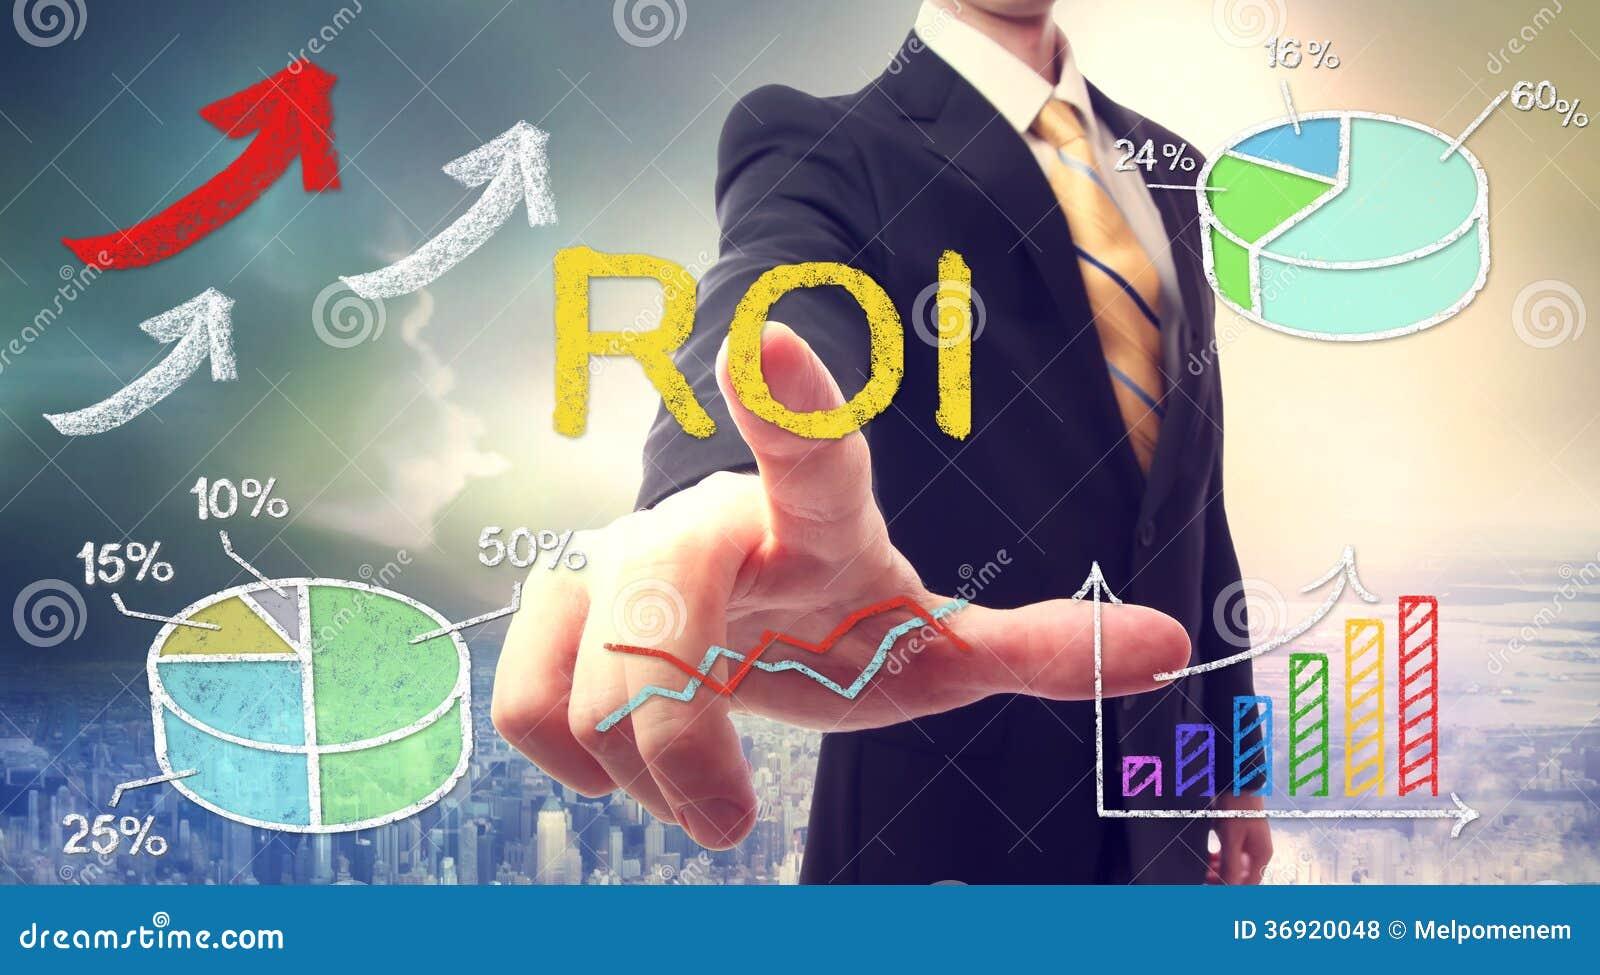 Zakenman wat betreft ROI (rendement van investering)